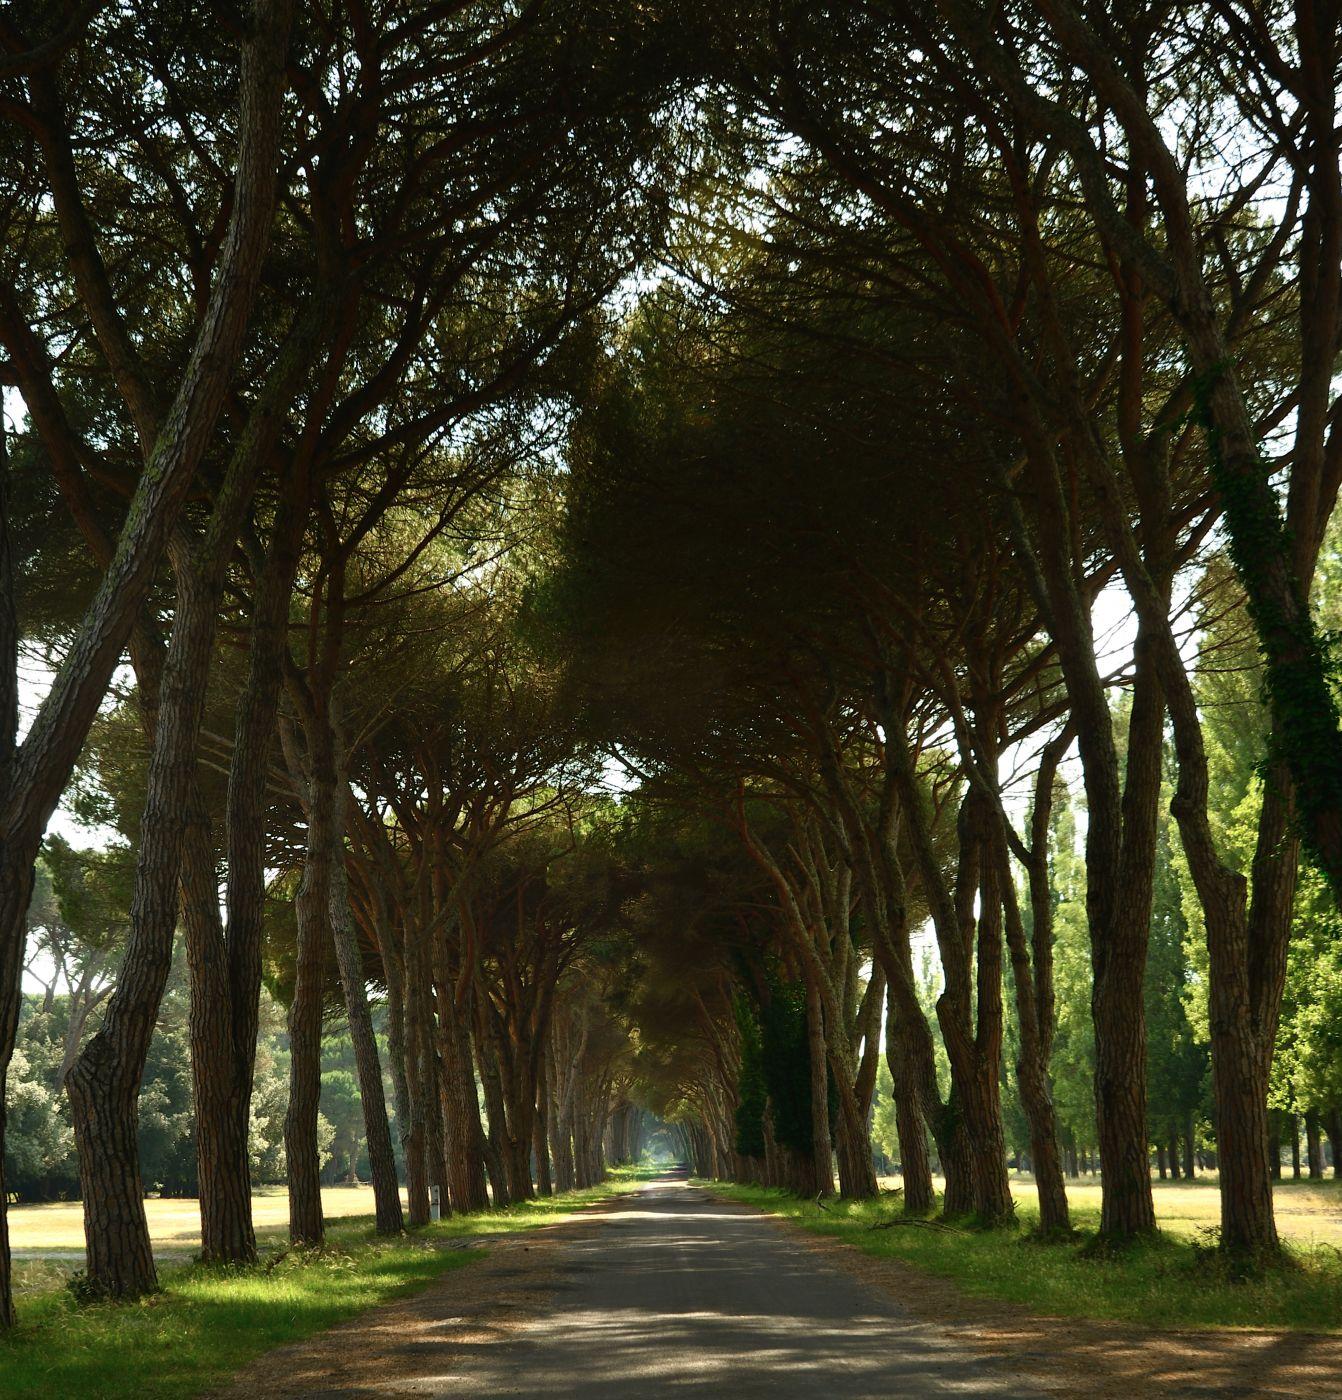 Park Parco naturale Migliarino San Rossore Massaciuccoli, Italy